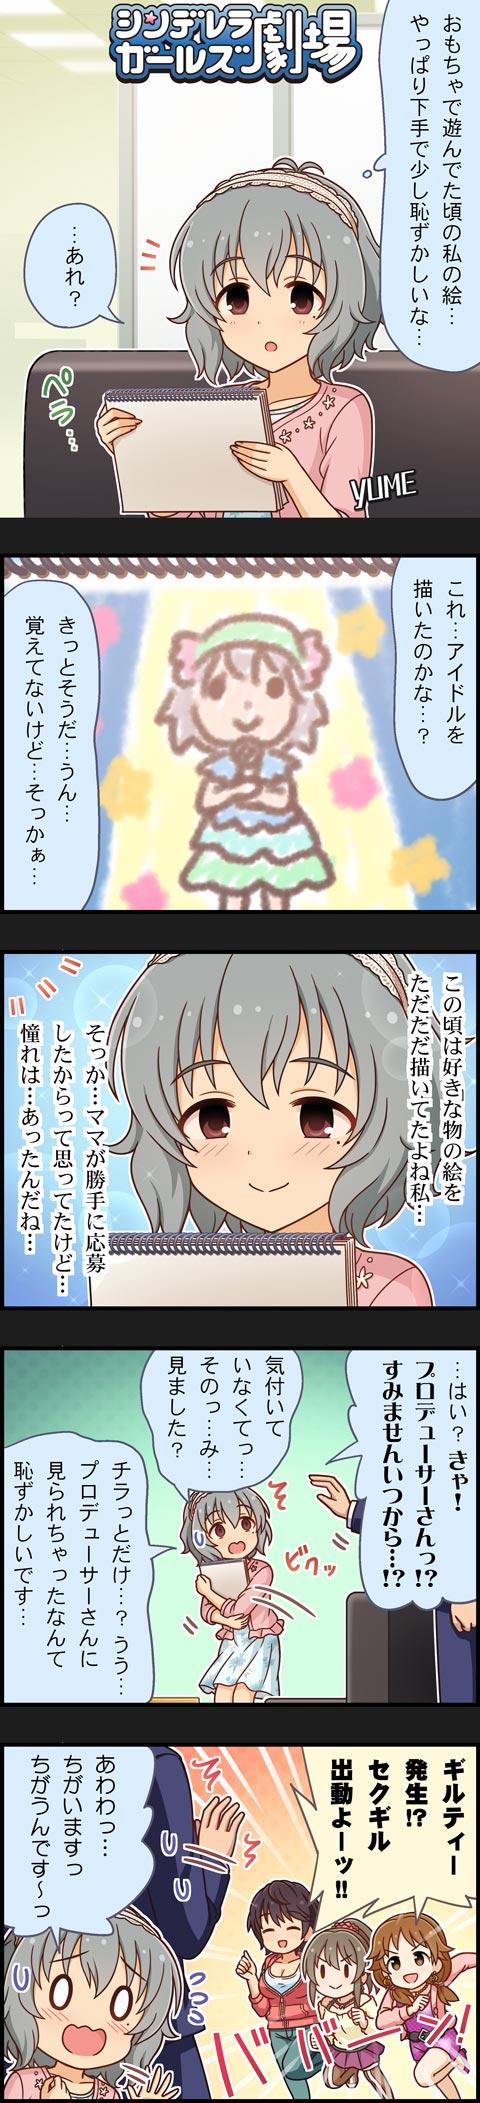 成宮由愛 堀裕子 片桐早苗 及川雫の画像XcYY1Q4